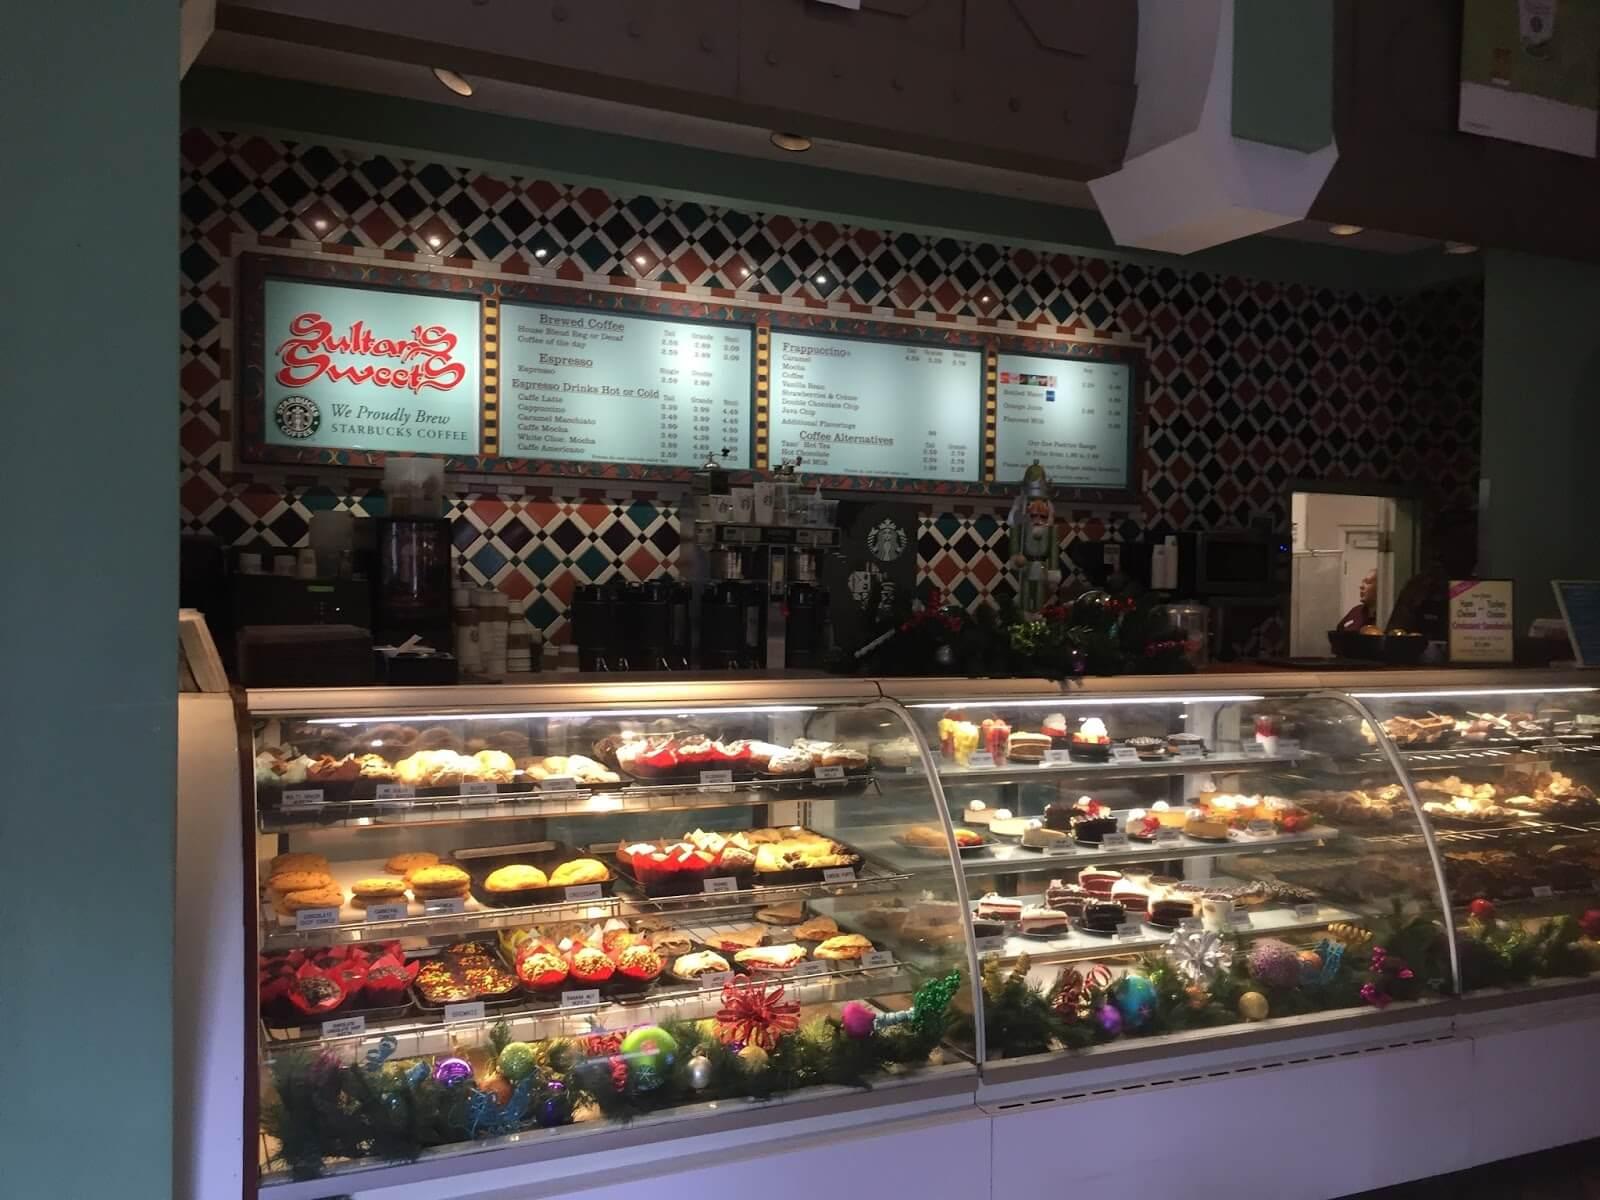 Restaurantes do parque Busch Gardens em Orlando: Sultan's Sweets